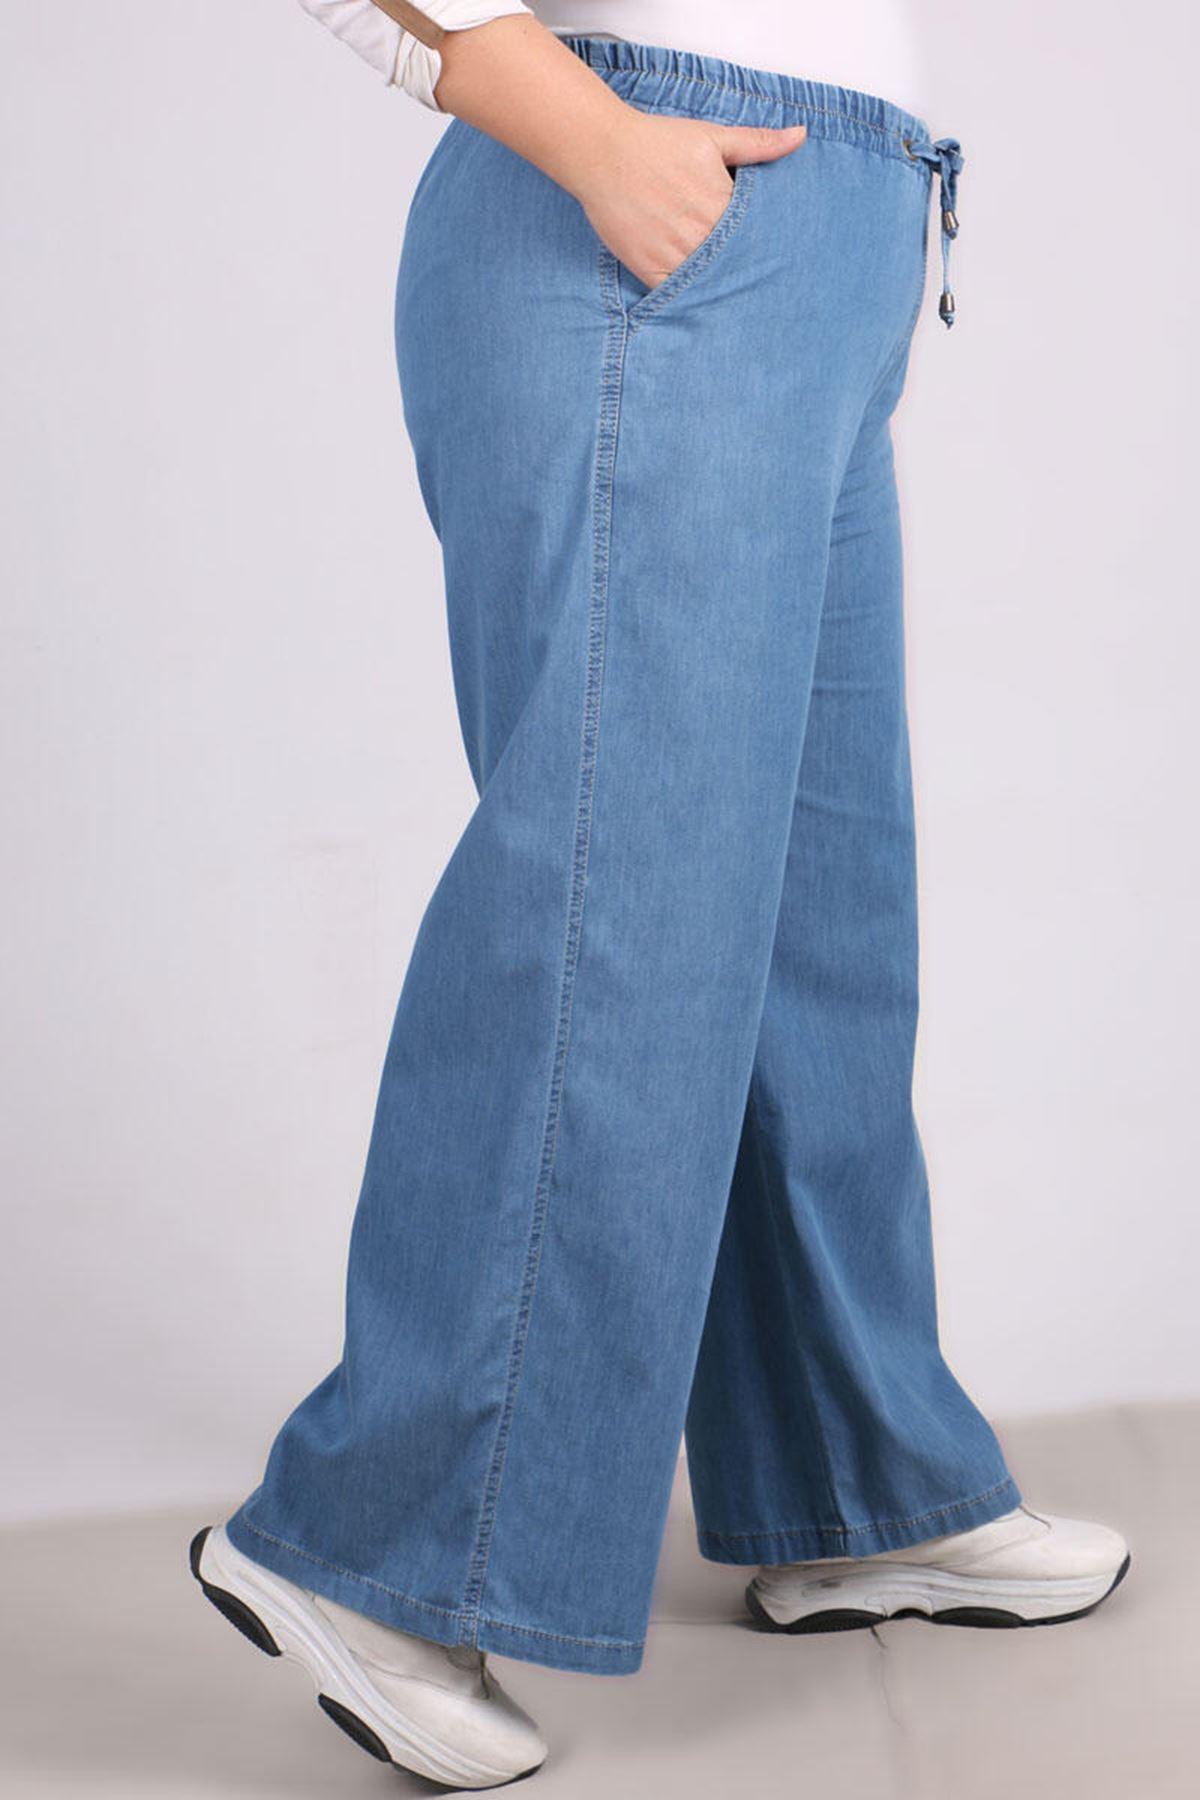 9124 بنطلون جينز واسع الساق و مقاس كبير- أزرق